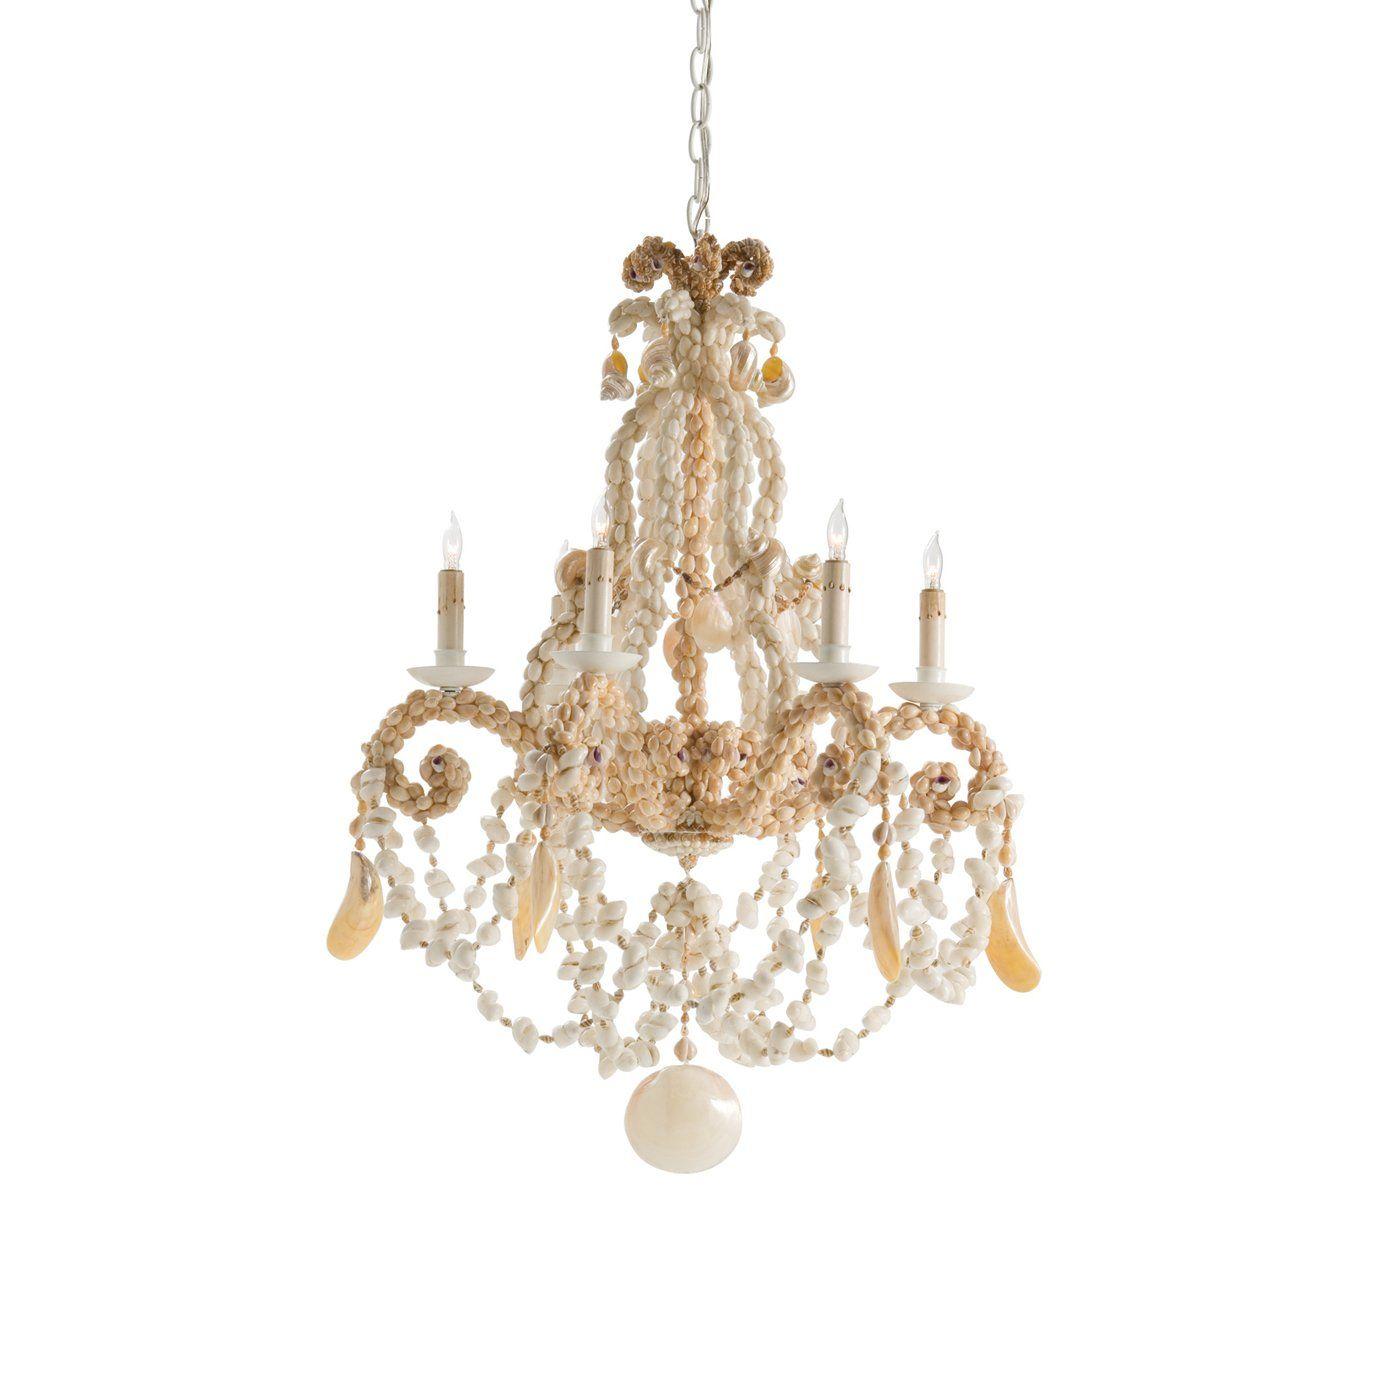 Shop arteriors home 89306 6 light strasbourg shell chandelier at atg shop arteriors home 89306 6 light strasbourg shell chandelier at atg stores browse our chandeliers arubaitofo Images